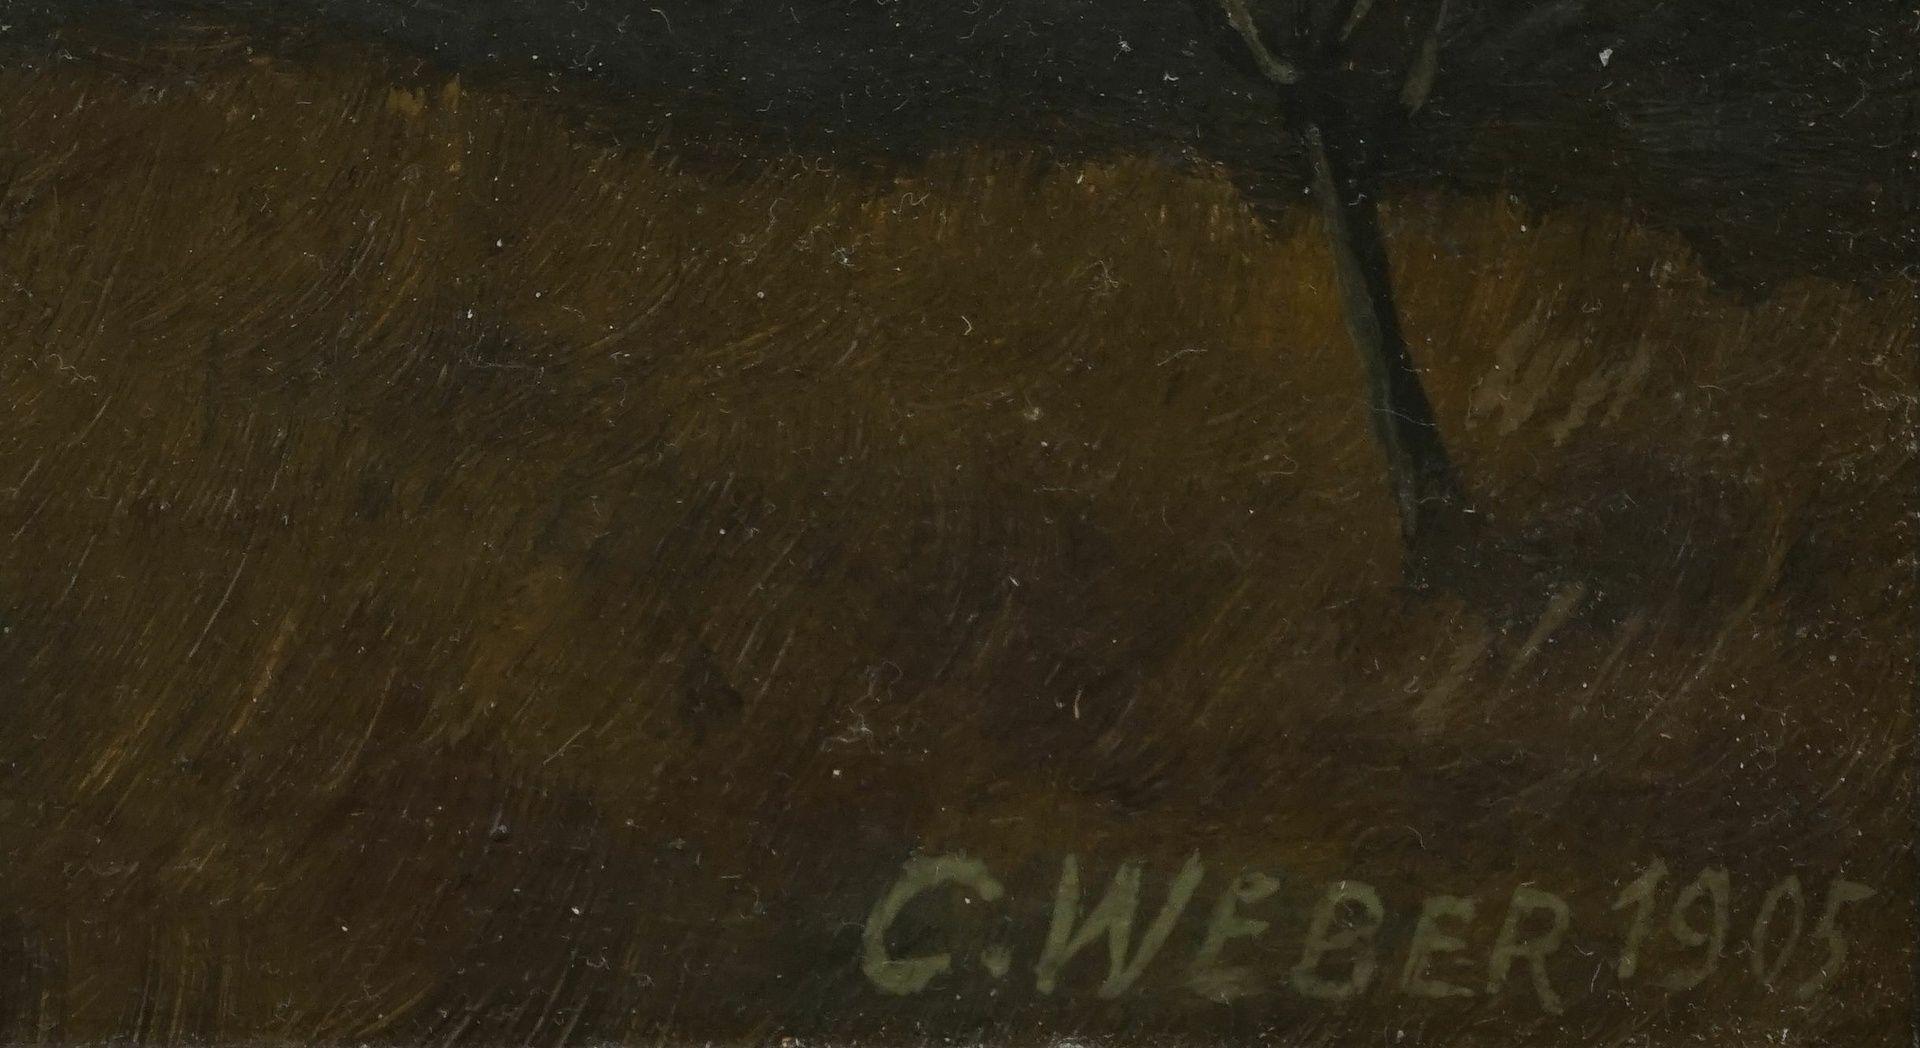 """C. Weber, """"Kaiser Wilhelm Berg bei Okahandja. Gewitterstimmung bei Abendsonne"""" - Bild 4 aus 4"""